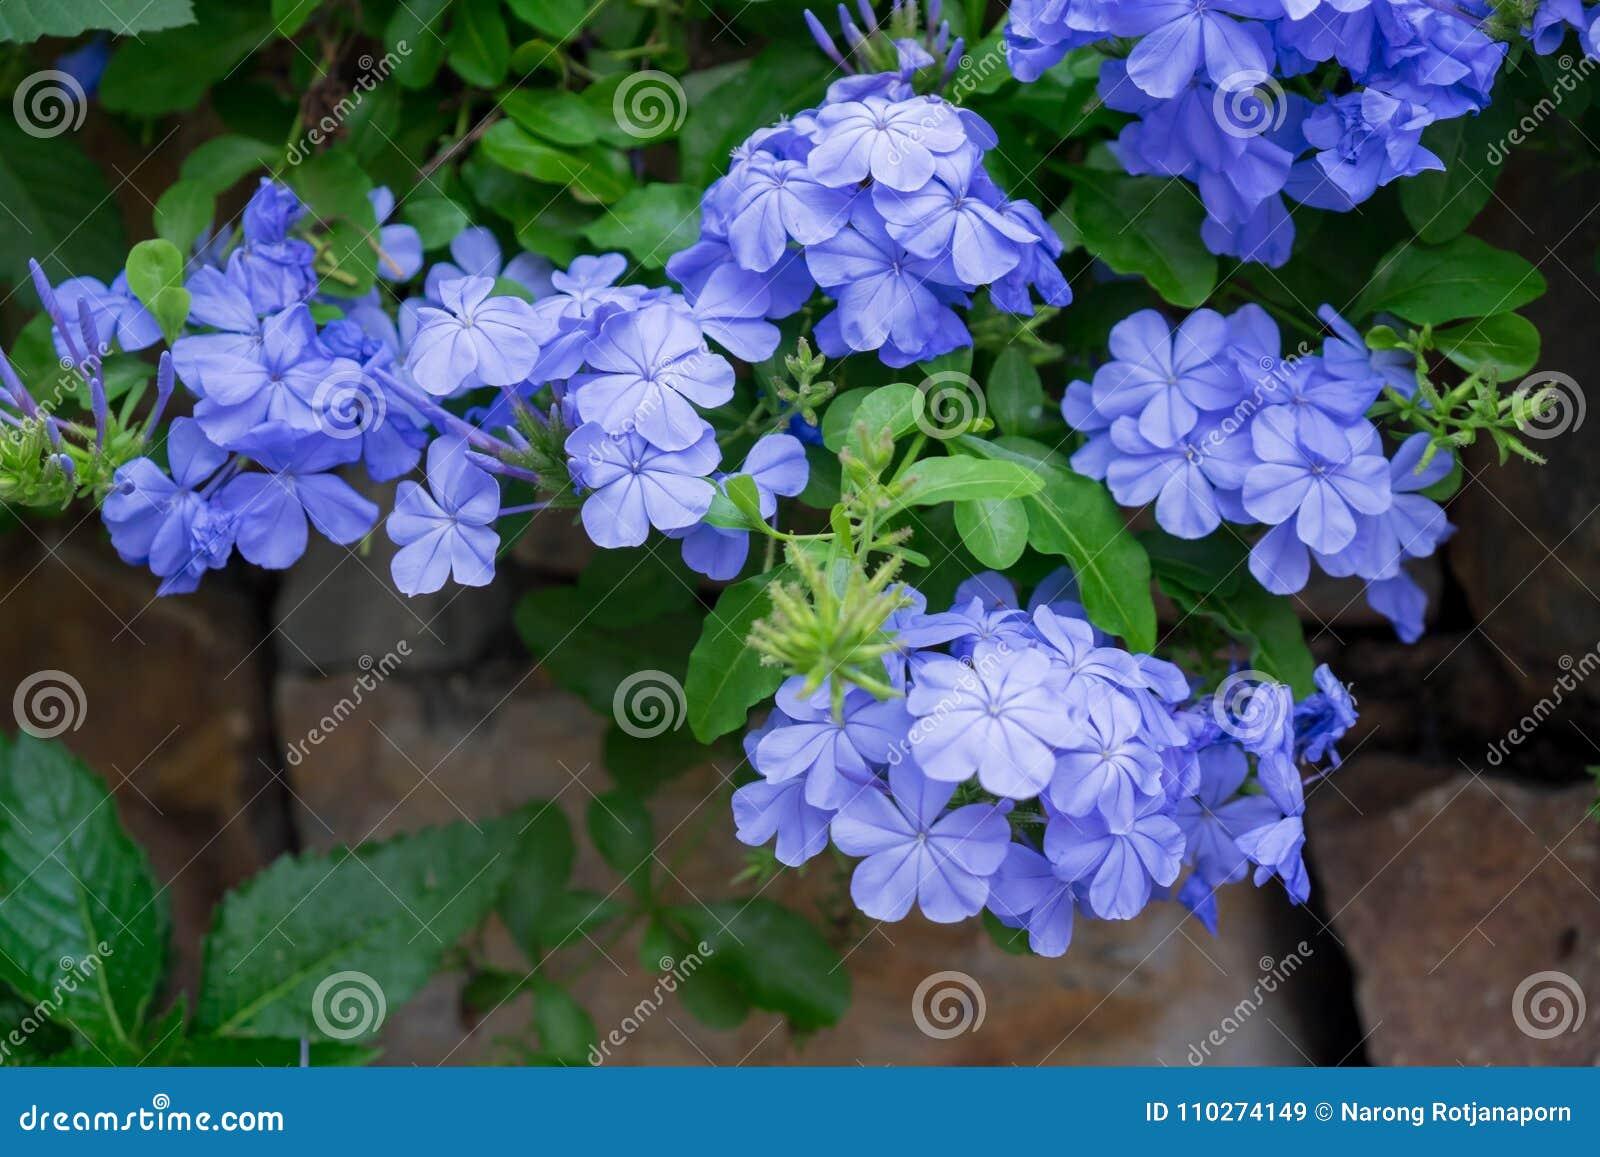 Amazing Beautiful Flowers Background Stock Image Image Of